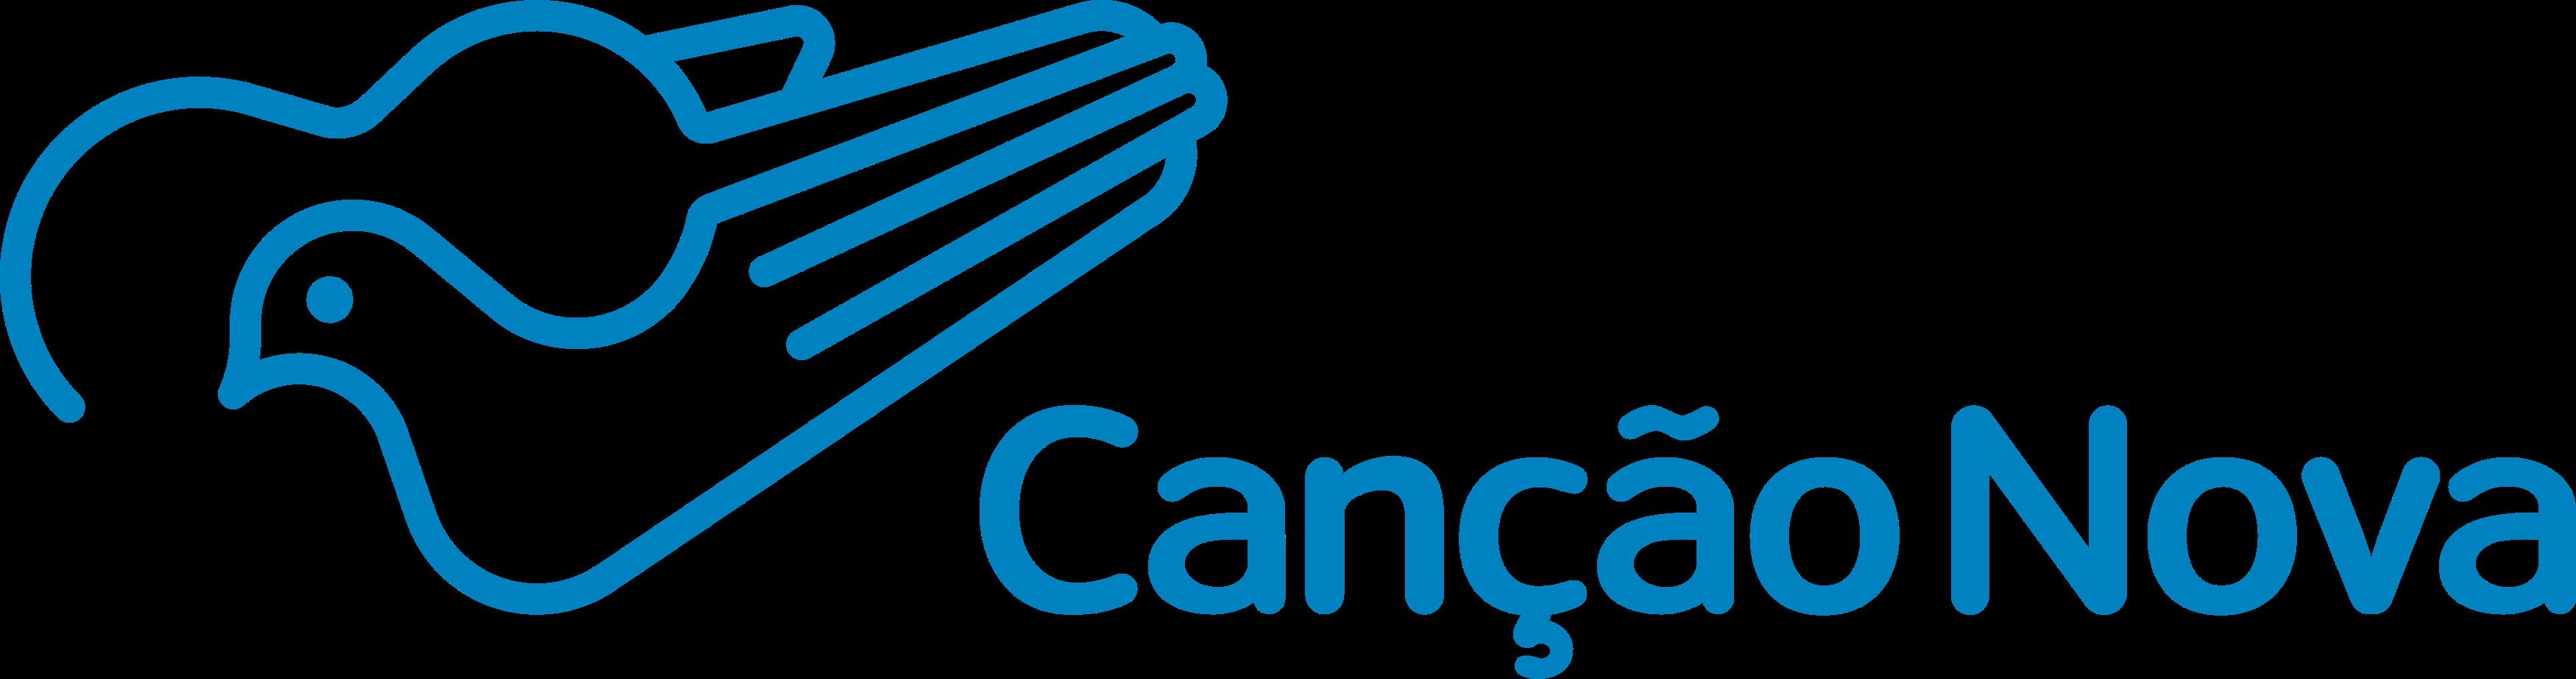 cancao nova logo 1 - Canção Nova Logo